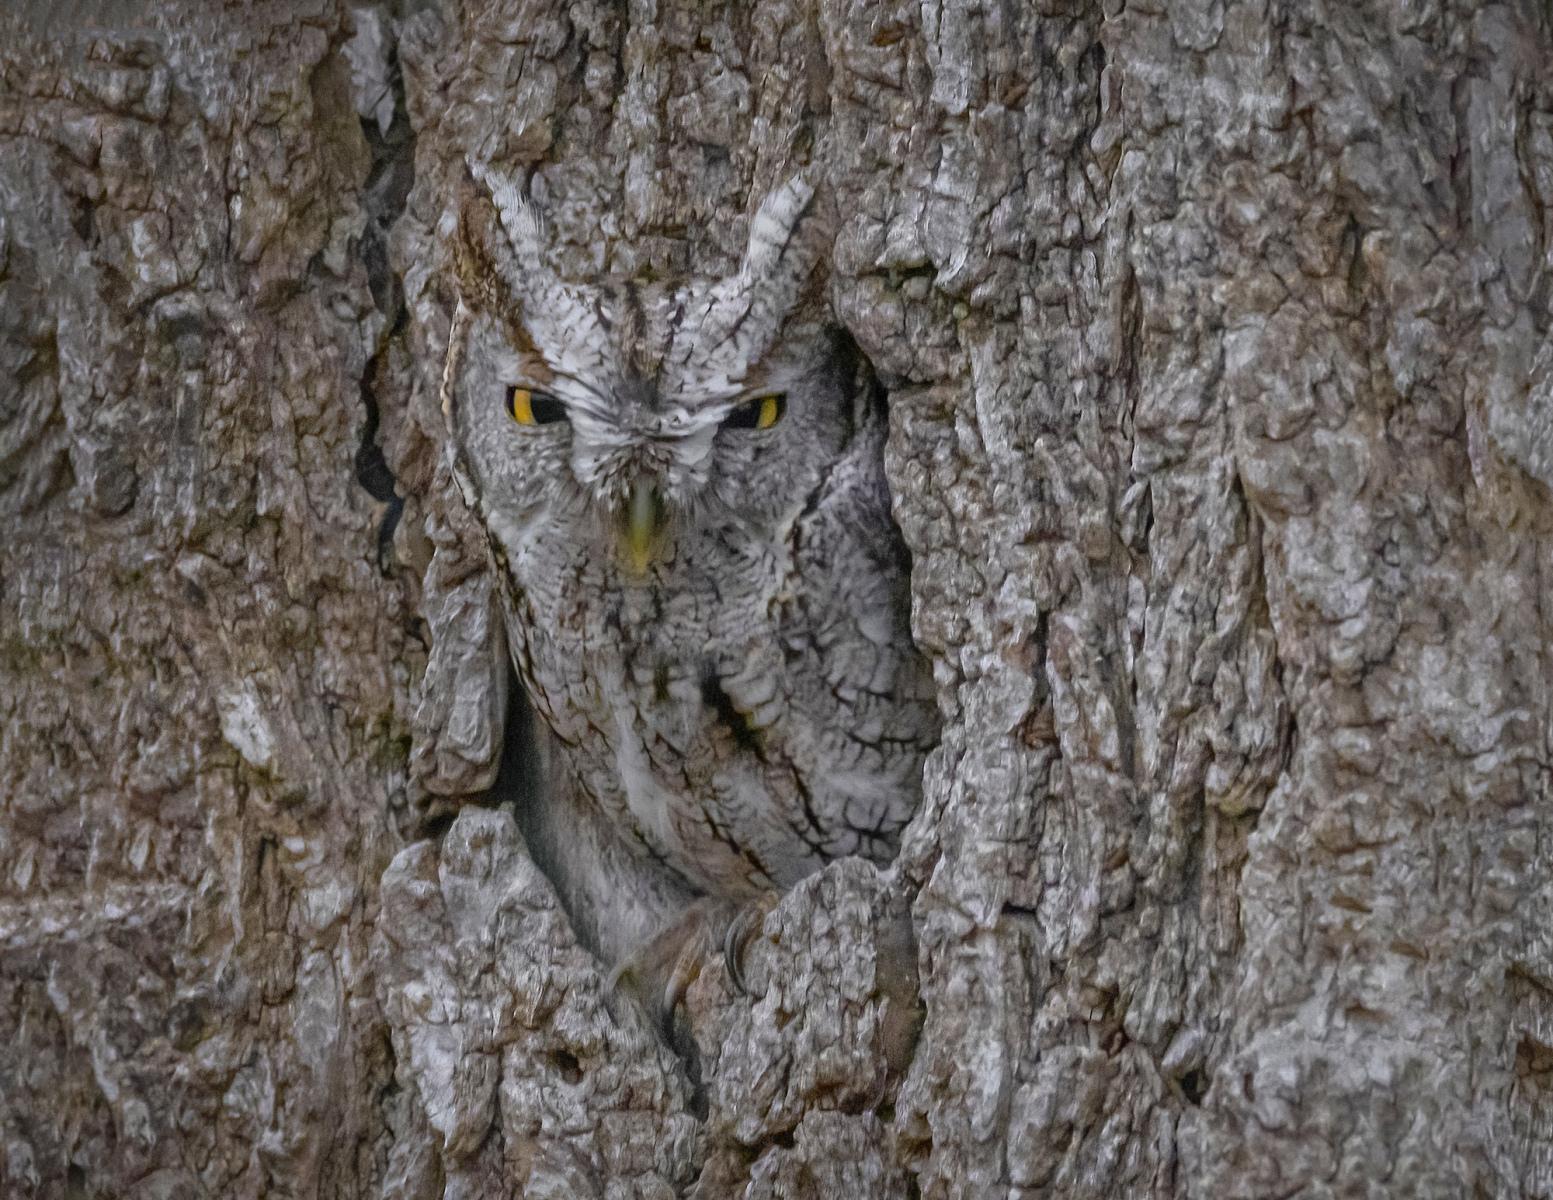 Eastern Screech-Owl by Cissy Beasley